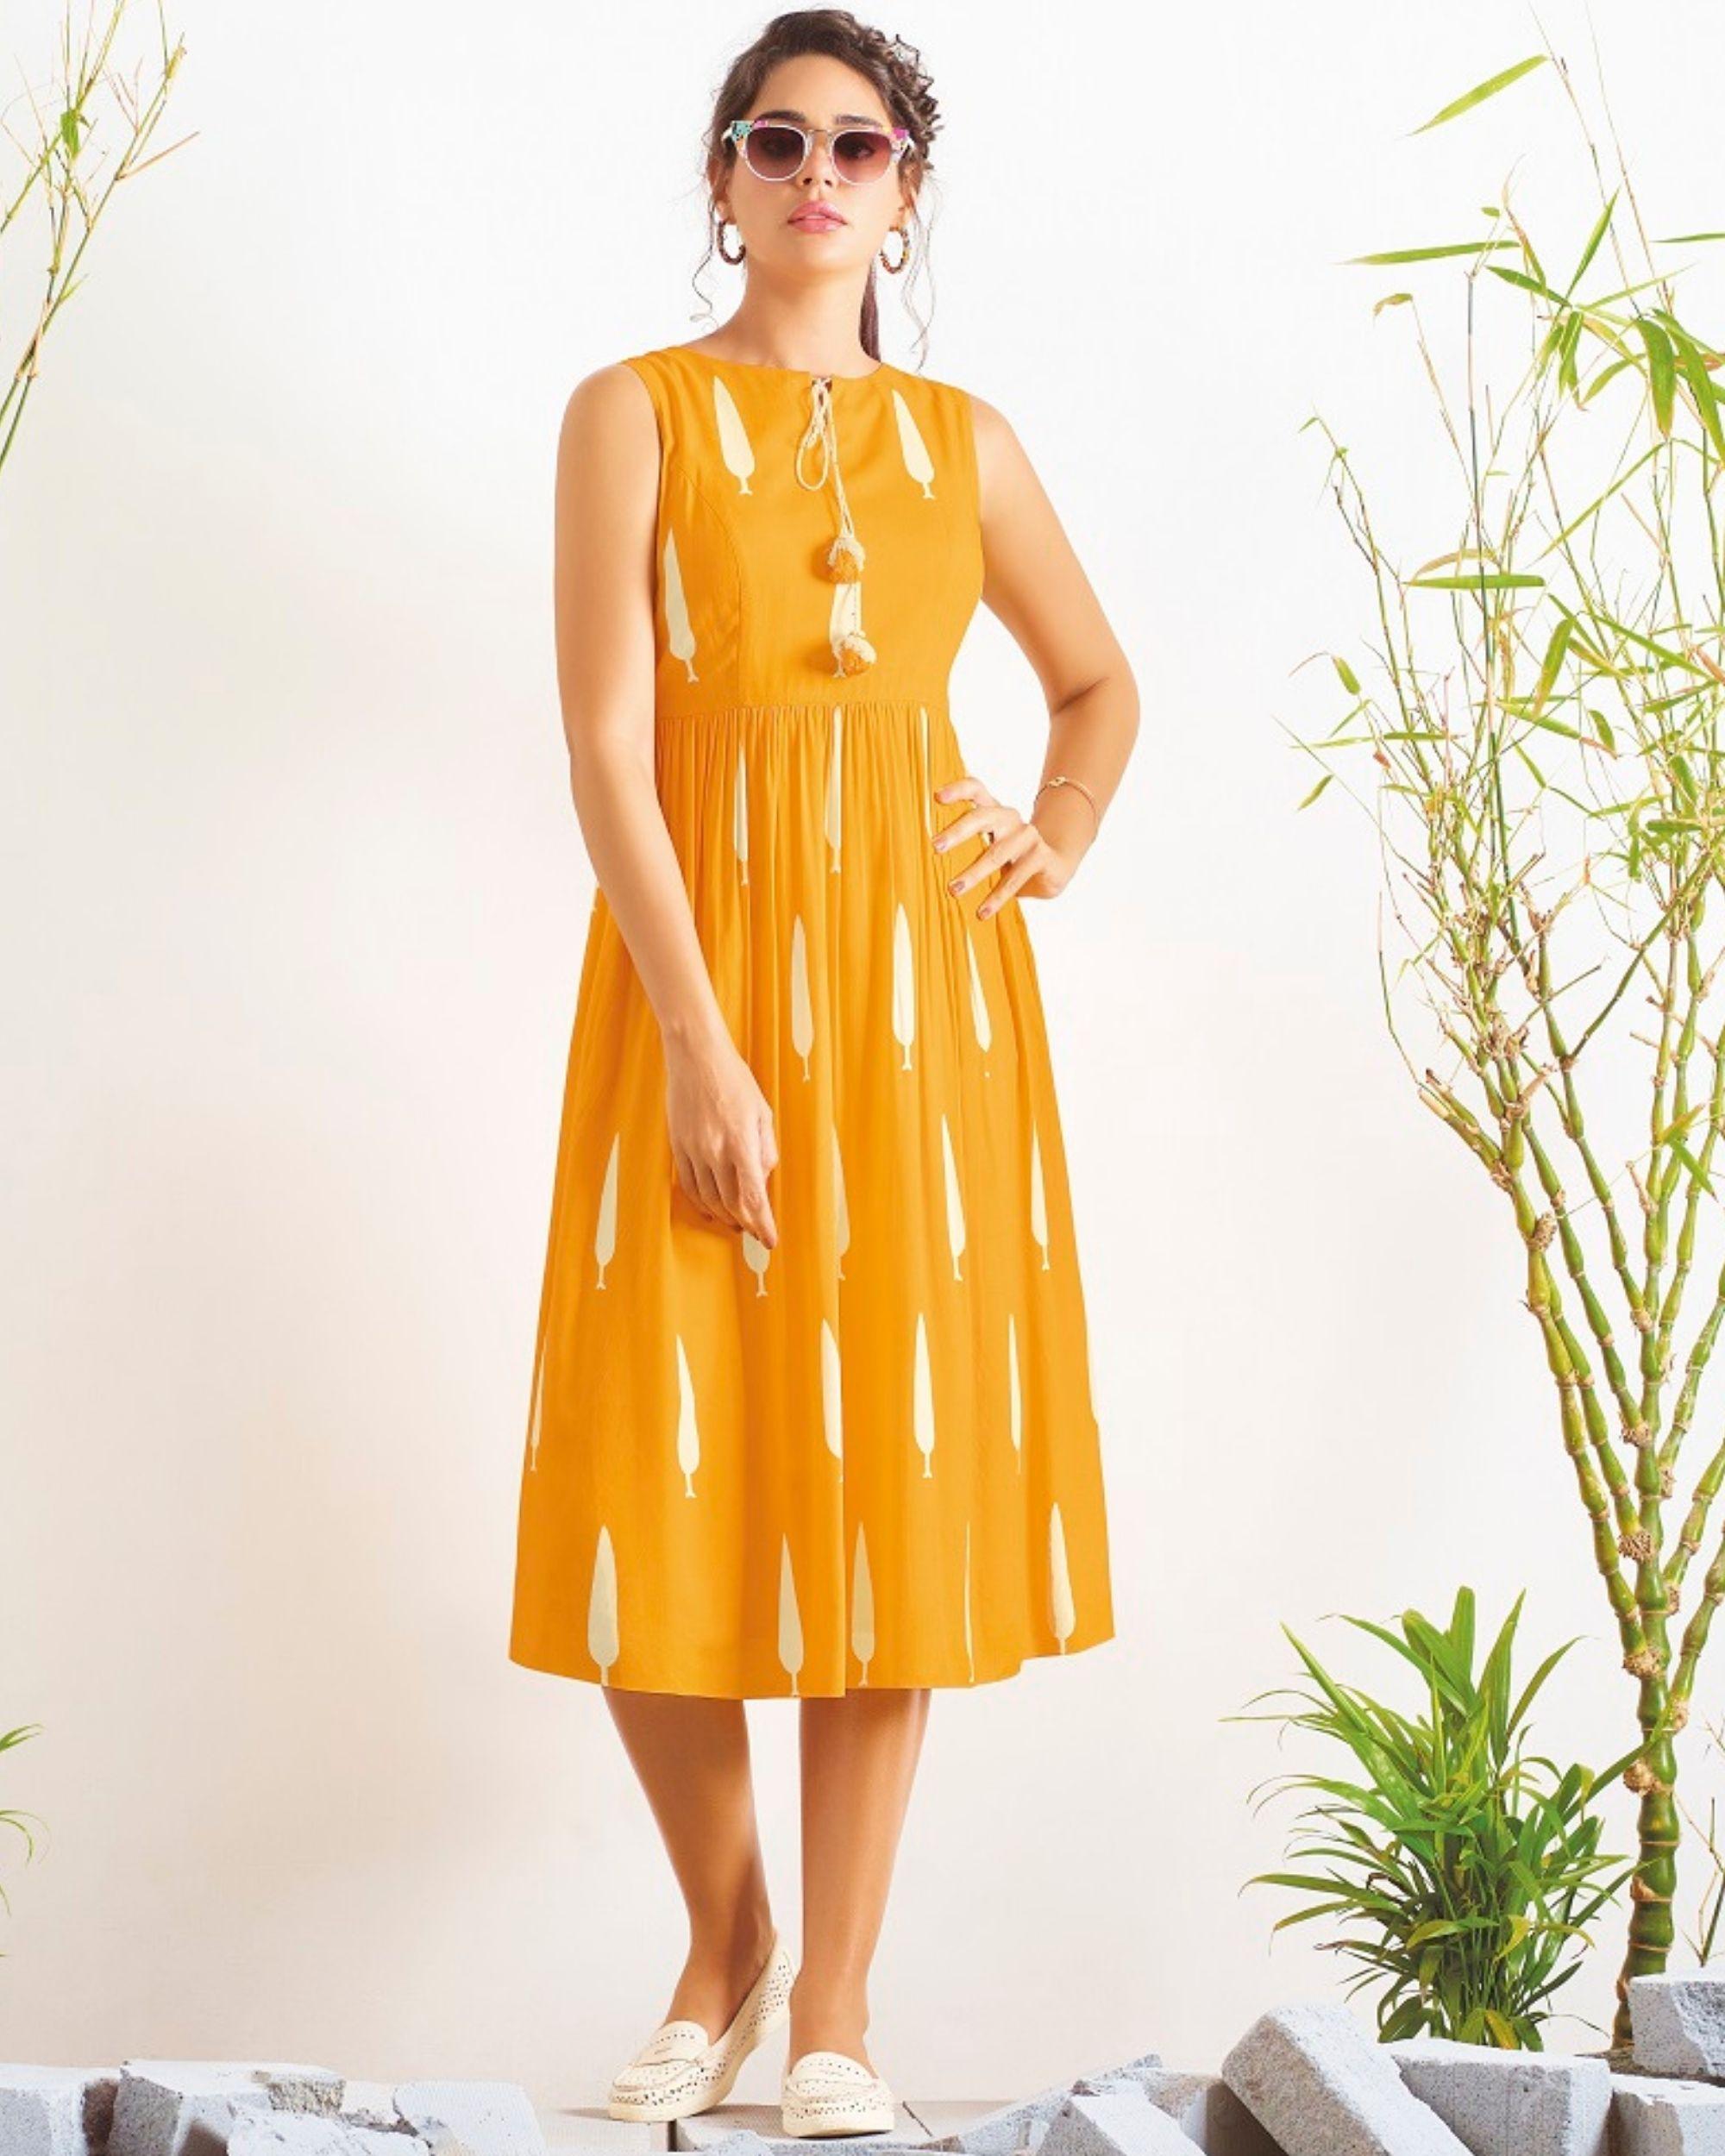 Yellow digital printed dress